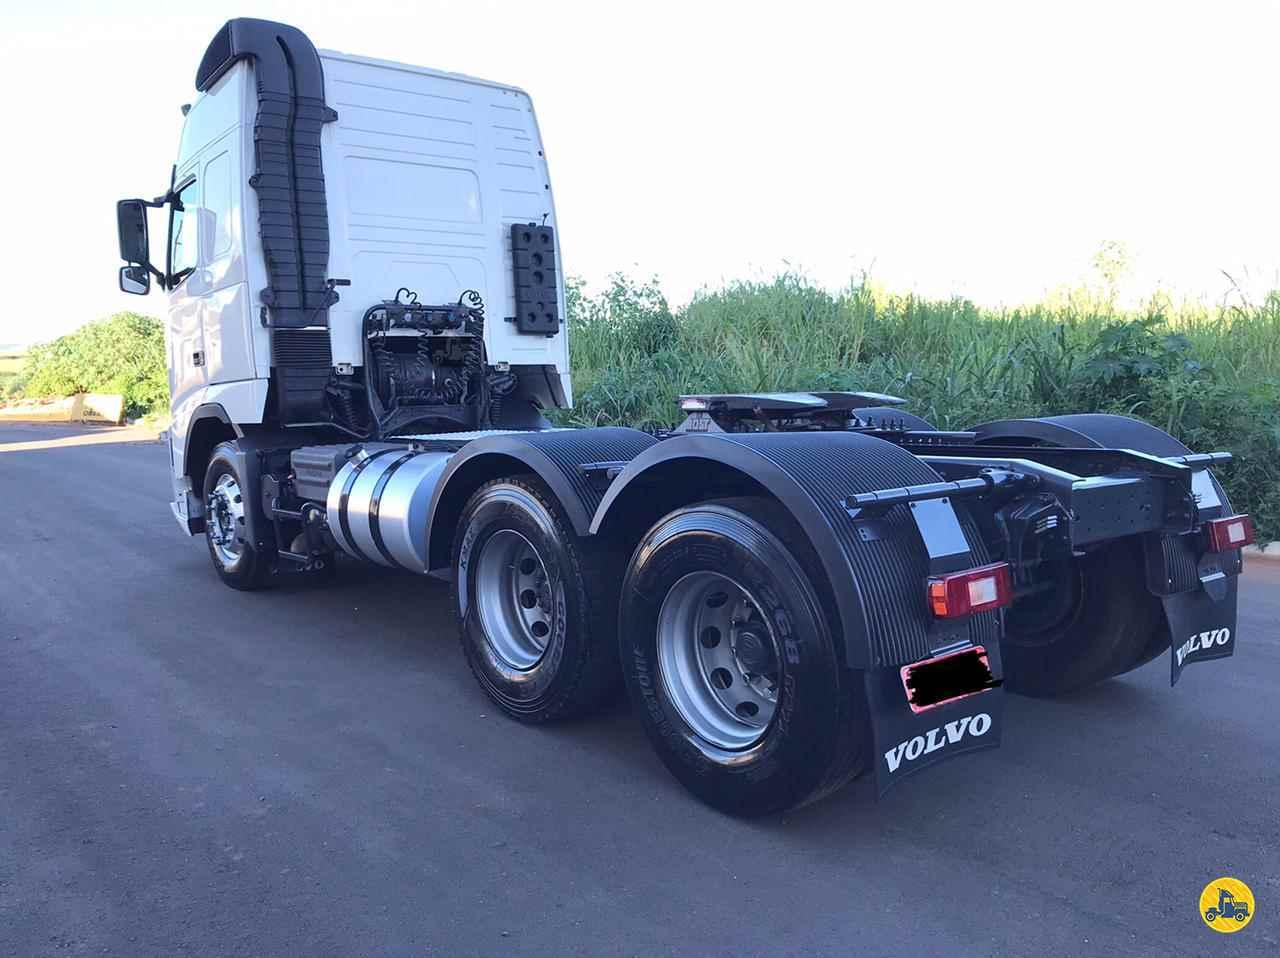 VOLVO VOLVO FH 460  2012/2012 Cotral Caminhões